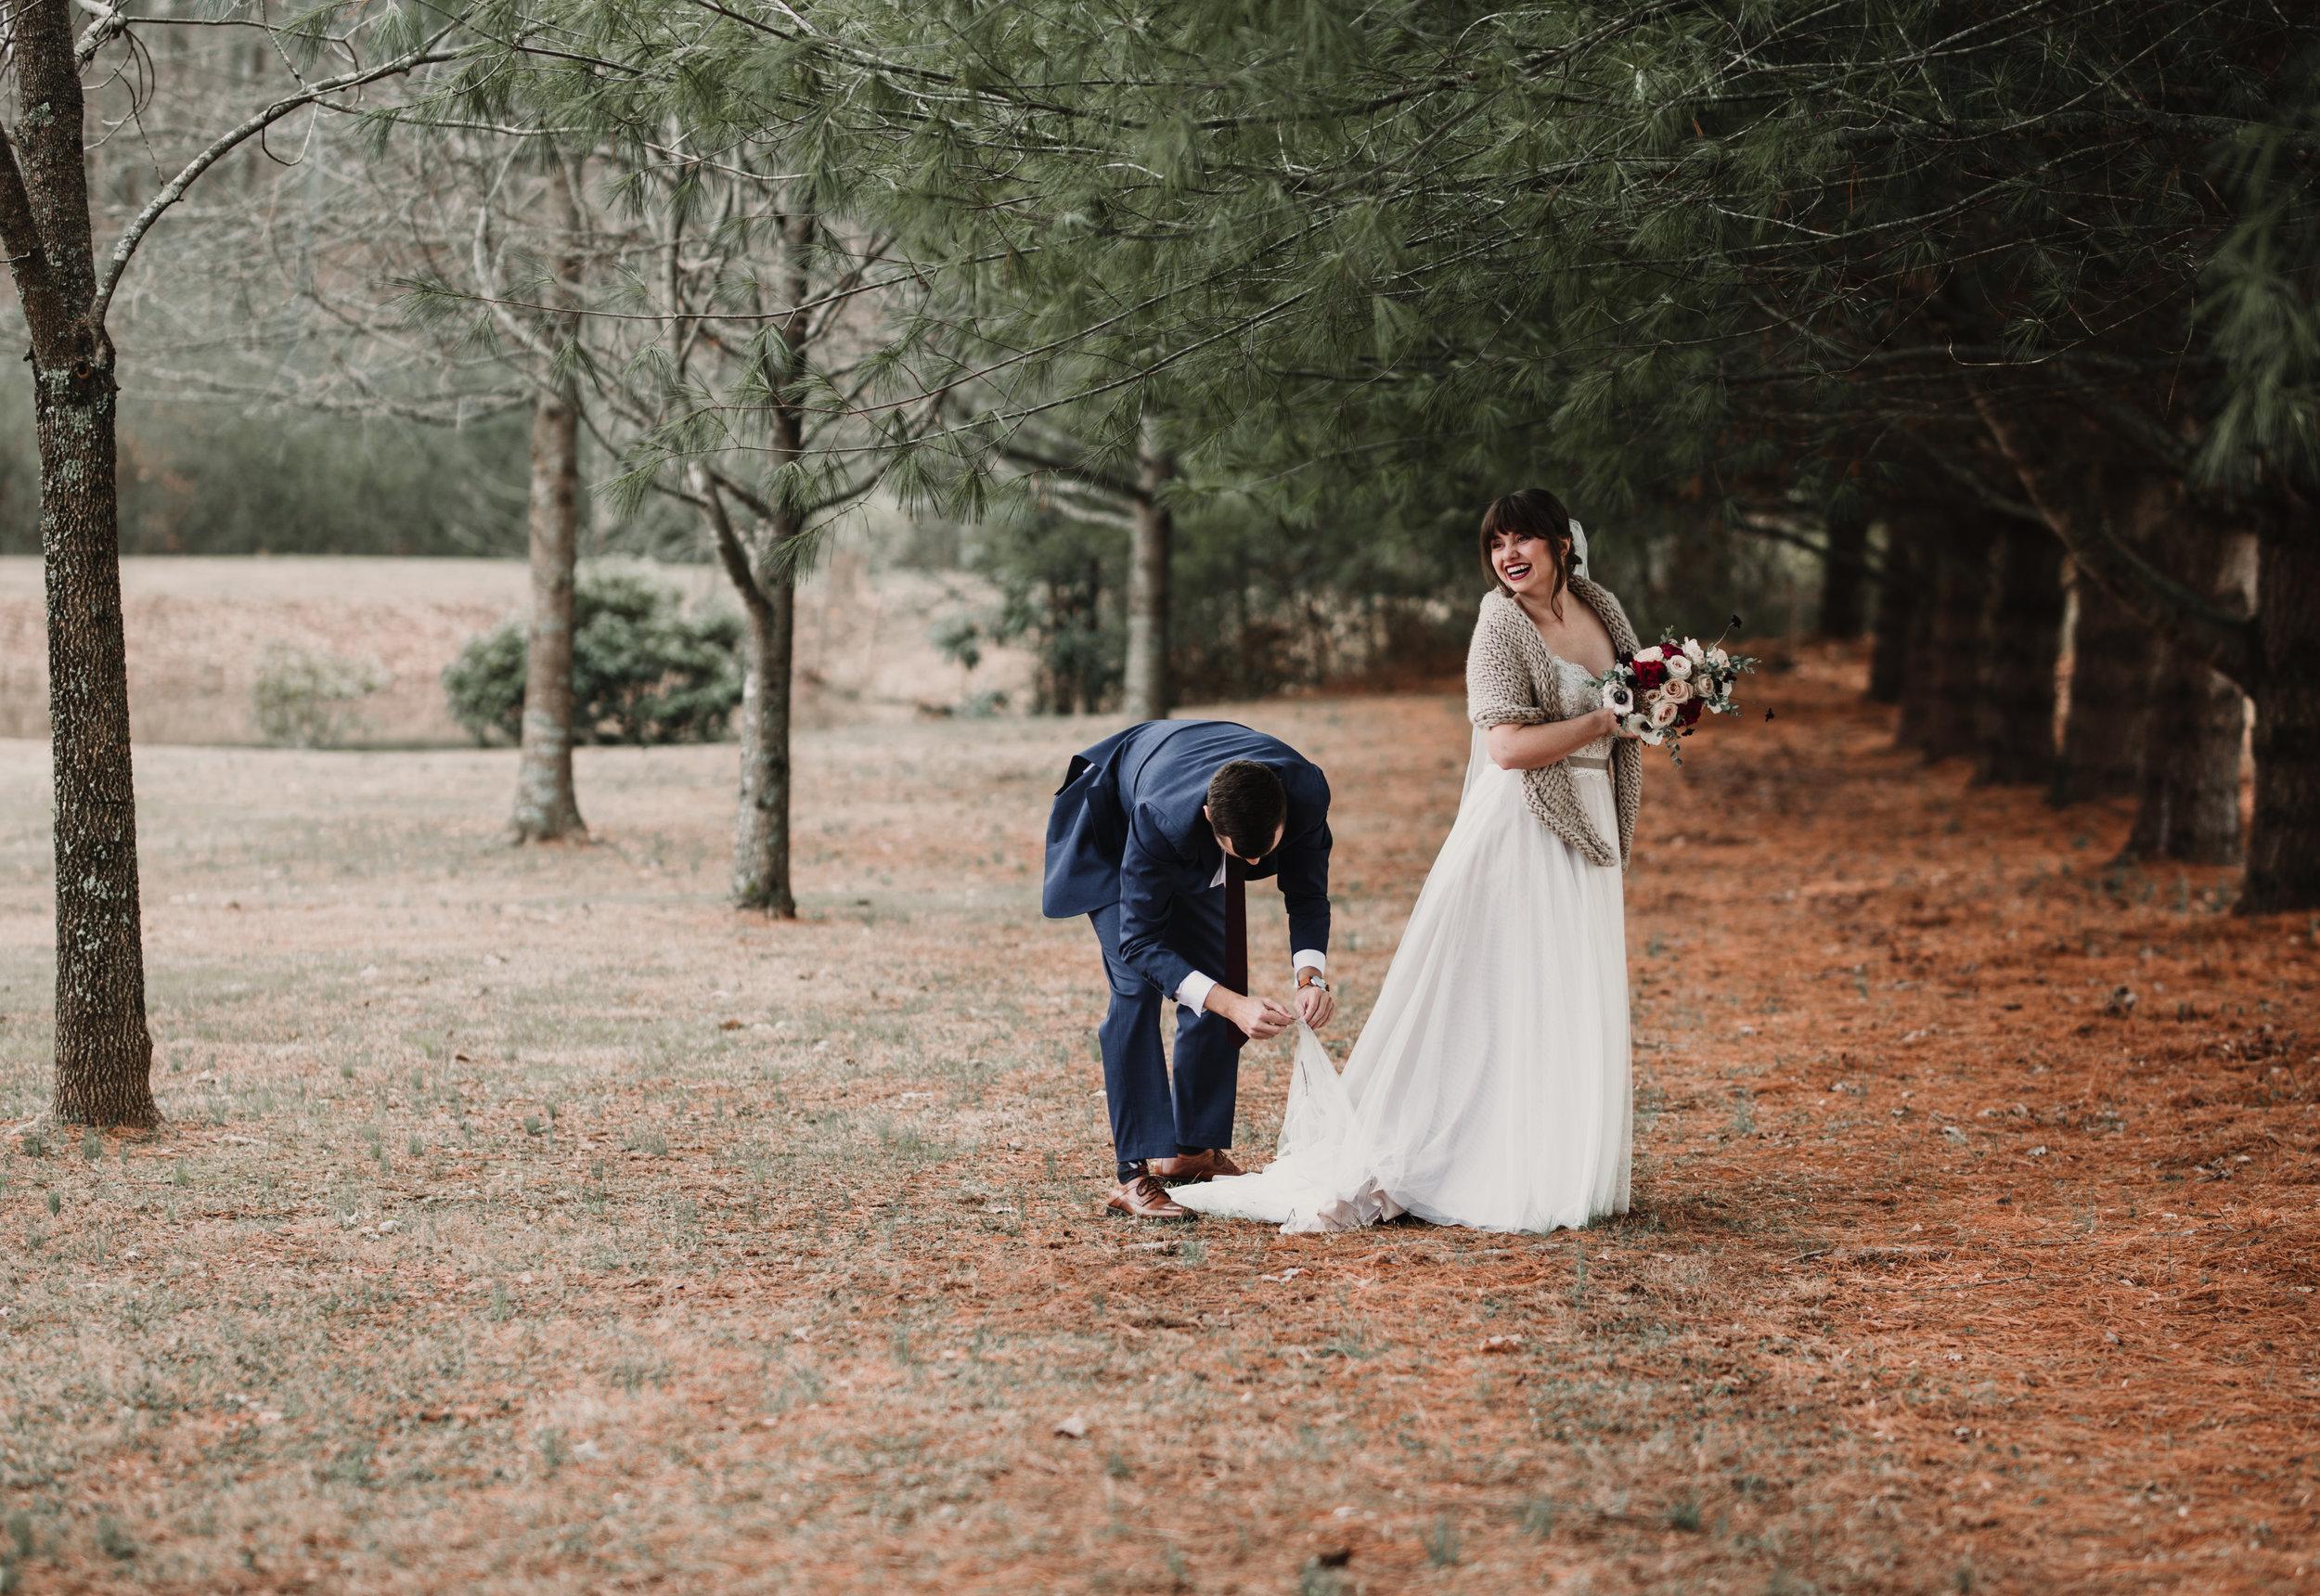 Fraley Wedding Gallery-171.jpg